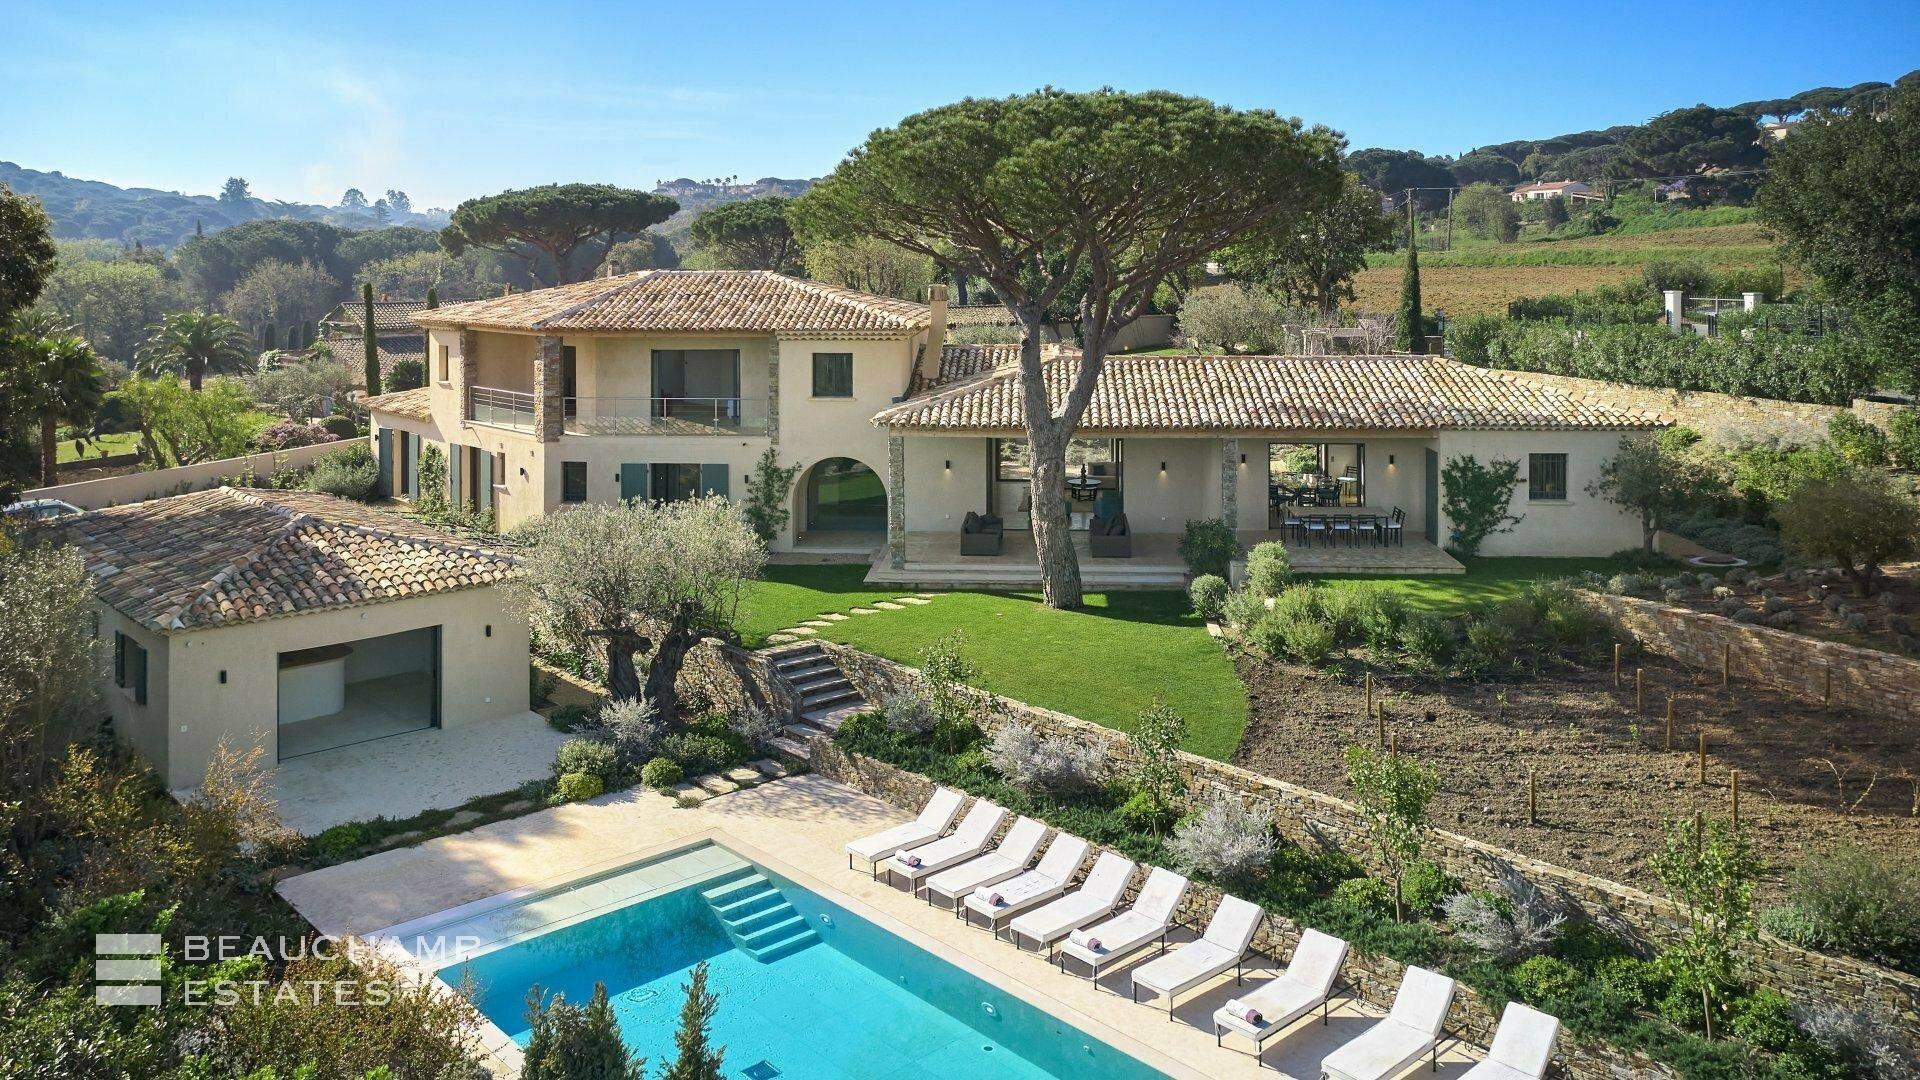 Villa in Saint-Tropez, Provence-Alpes-Côte d'Azur, France 1 - 11597813